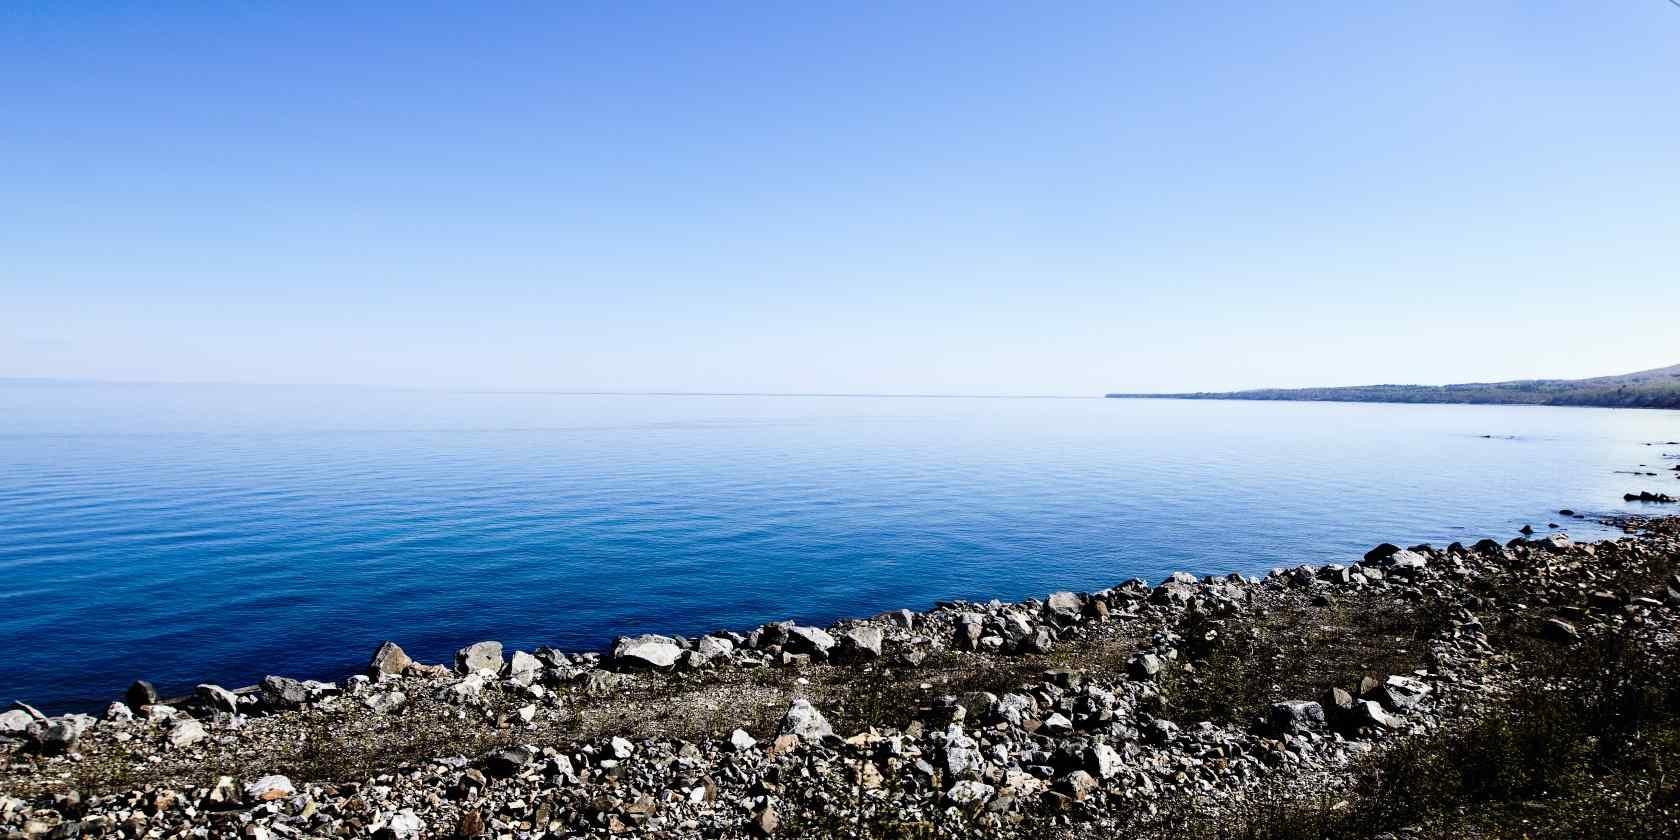 贝加尔湖美丽湖面风景图片